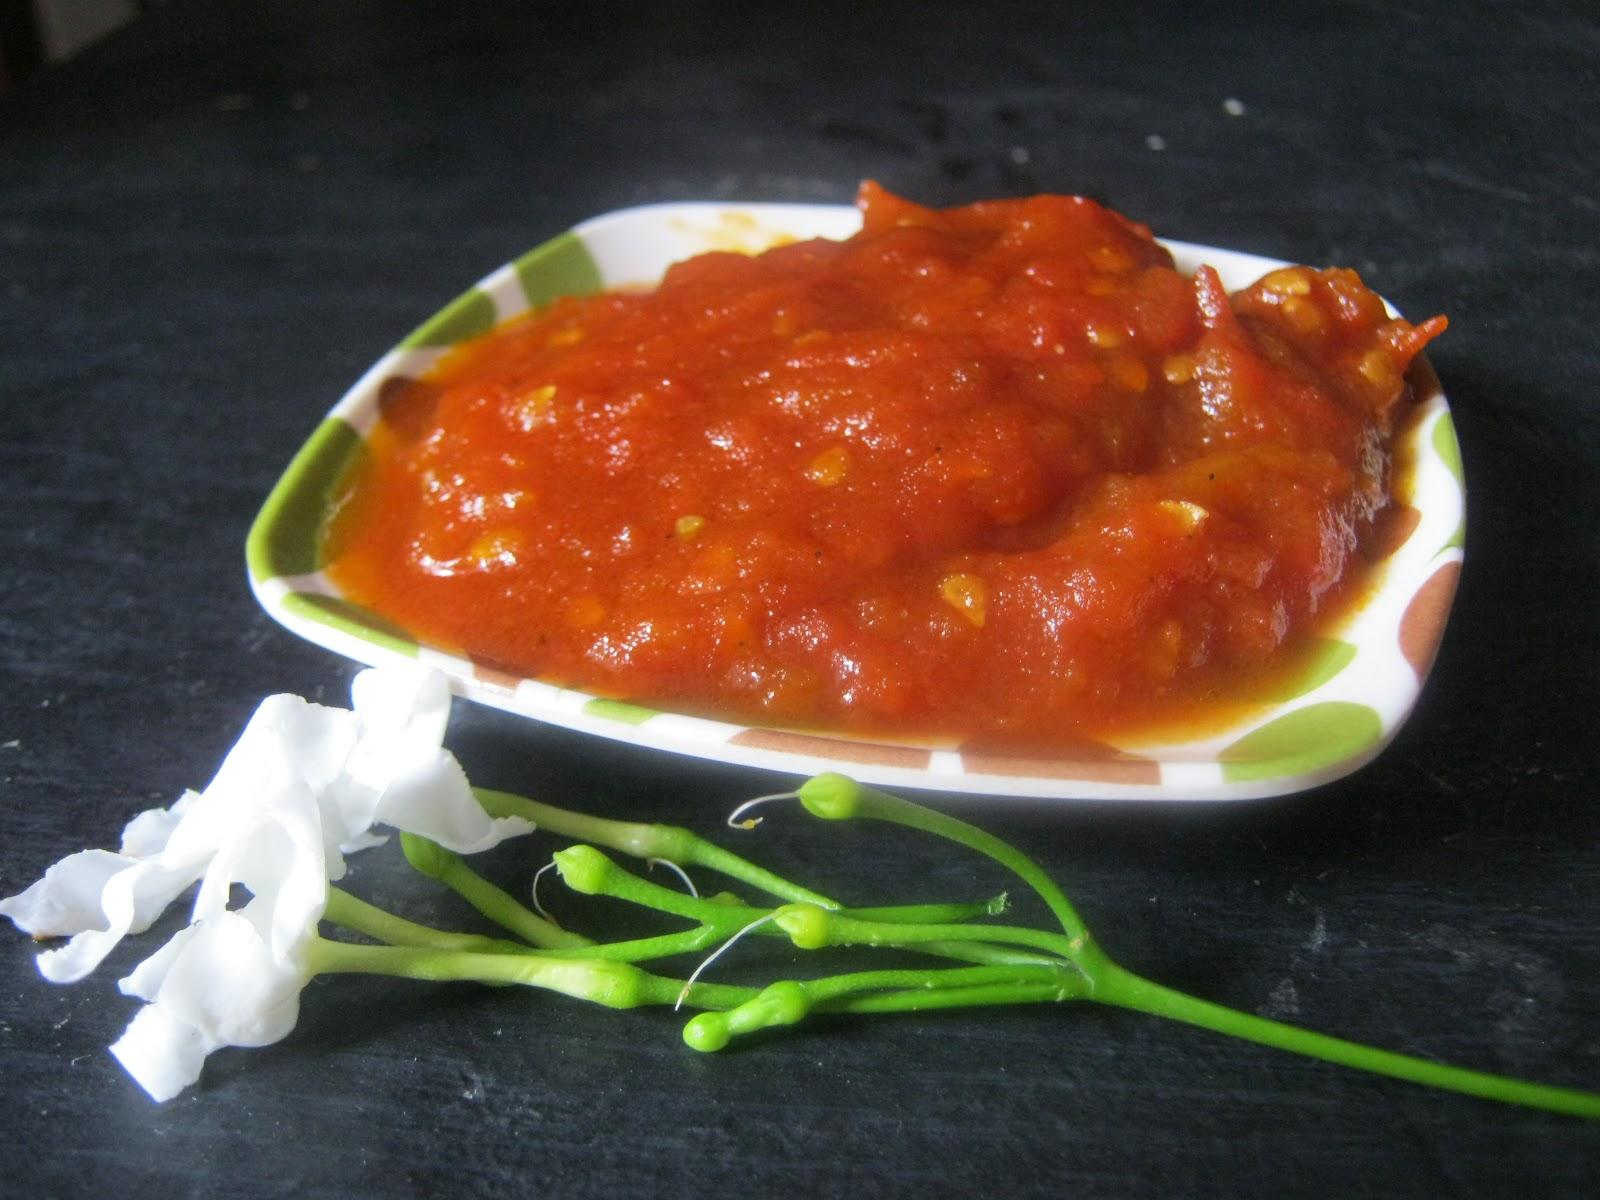 Resep Masak Sehari Hari Oktober 2012 Sambel 200gr By Dapur Liwet Ui Tomat